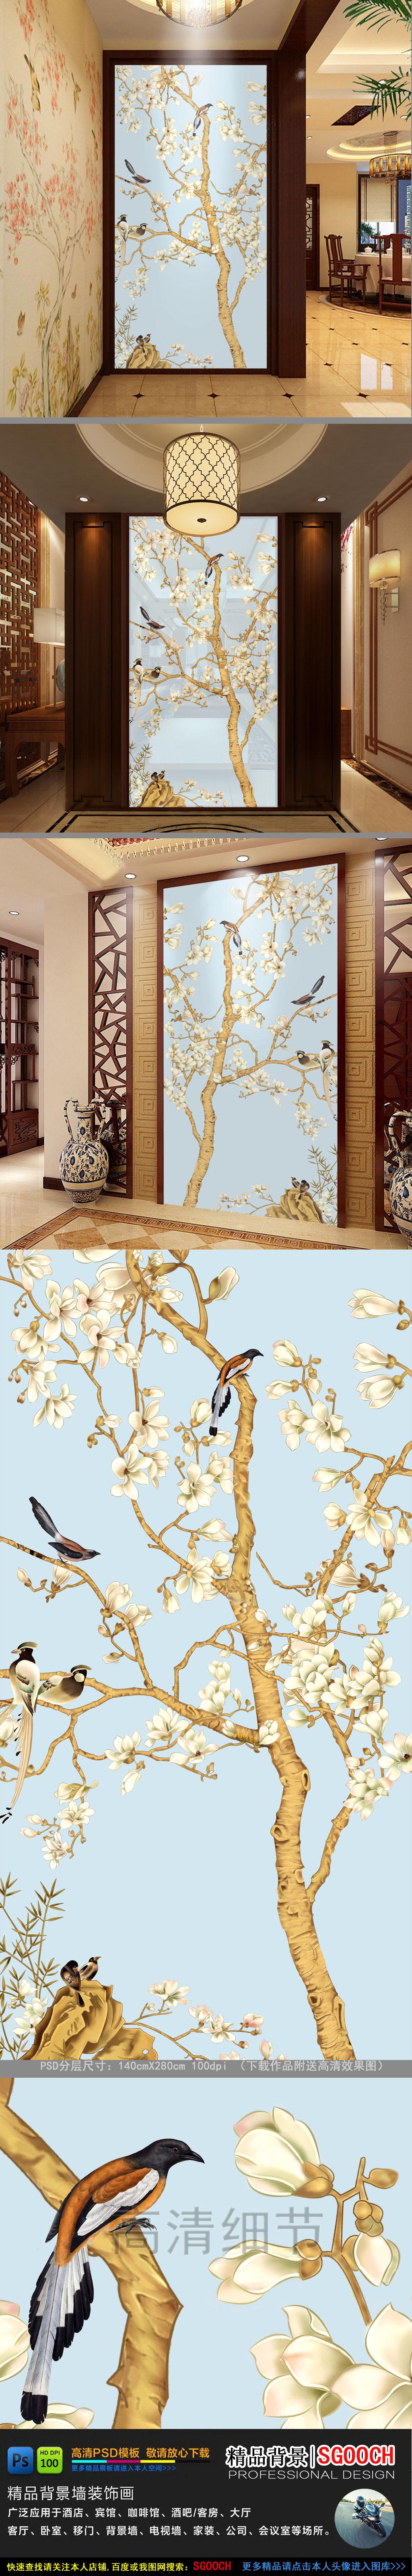 新中式手绘工笔花鸟玄关背景壁画装饰.